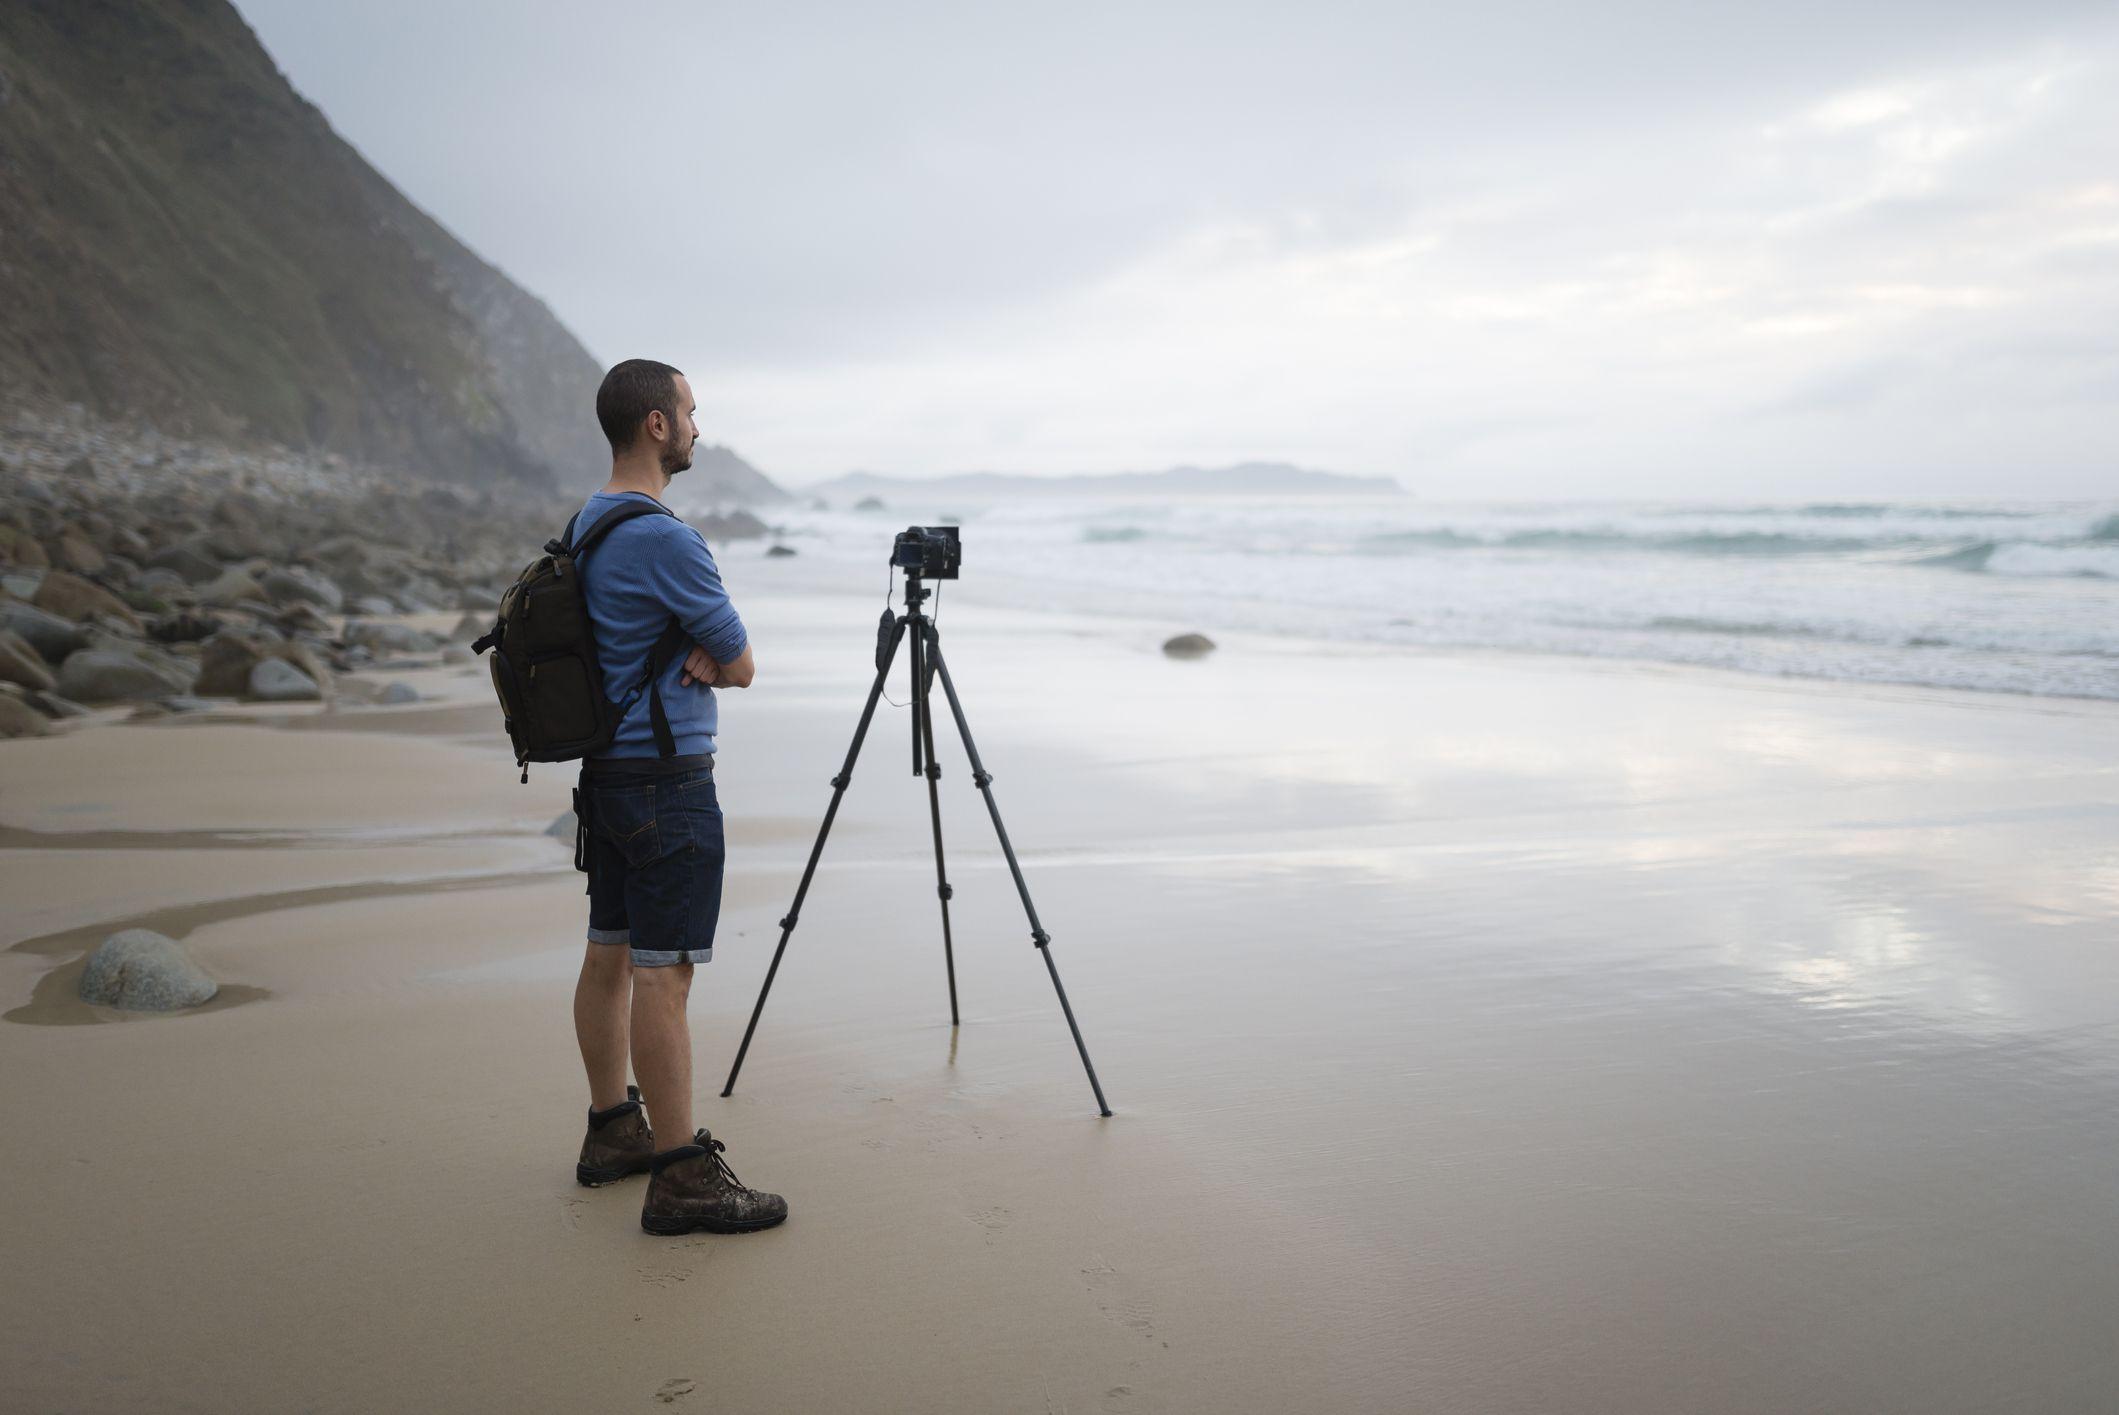 как пользоваться штативом при фотографировании которые